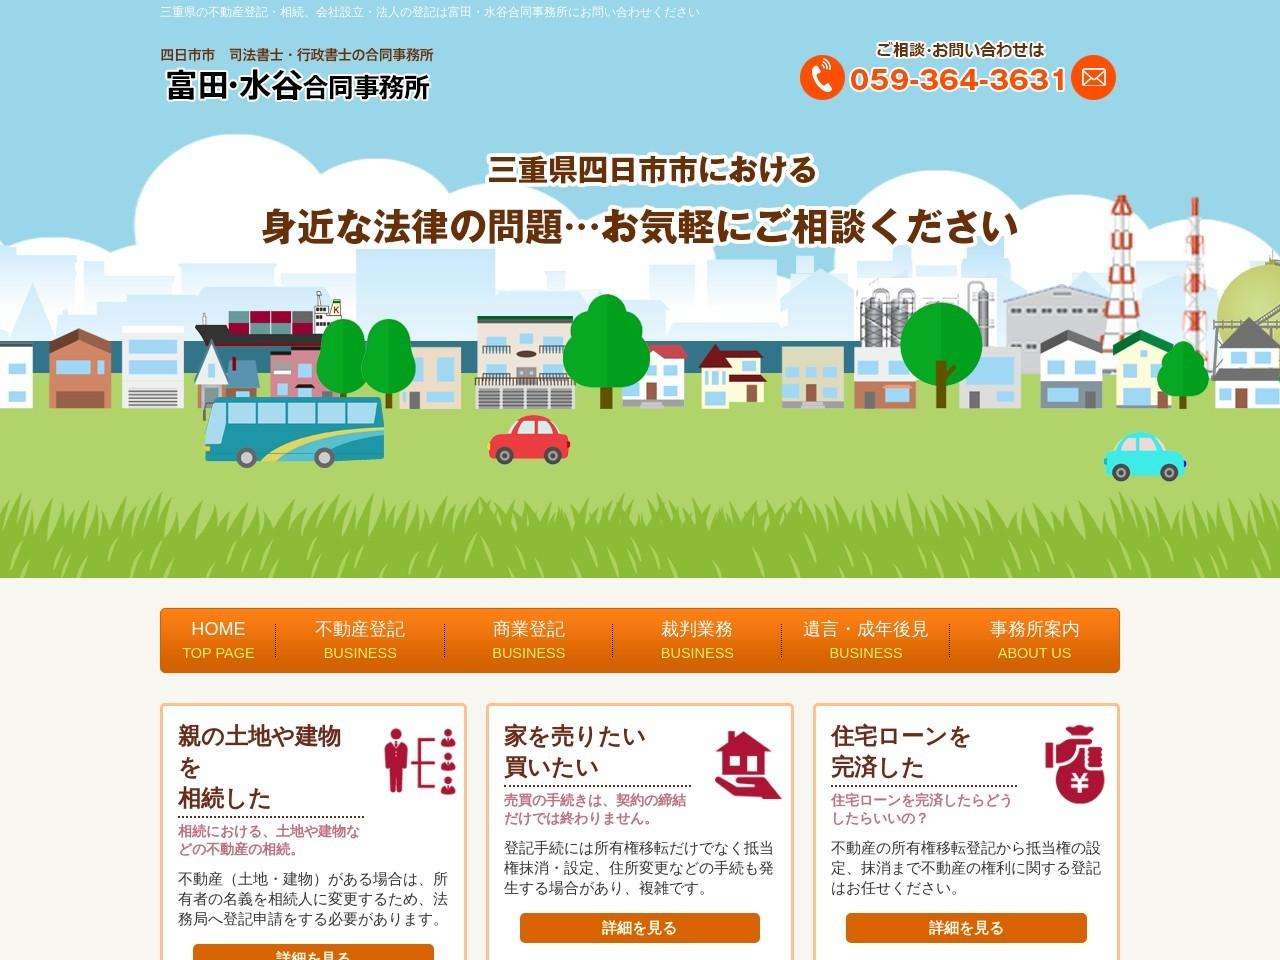 富田・水谷合同事務所